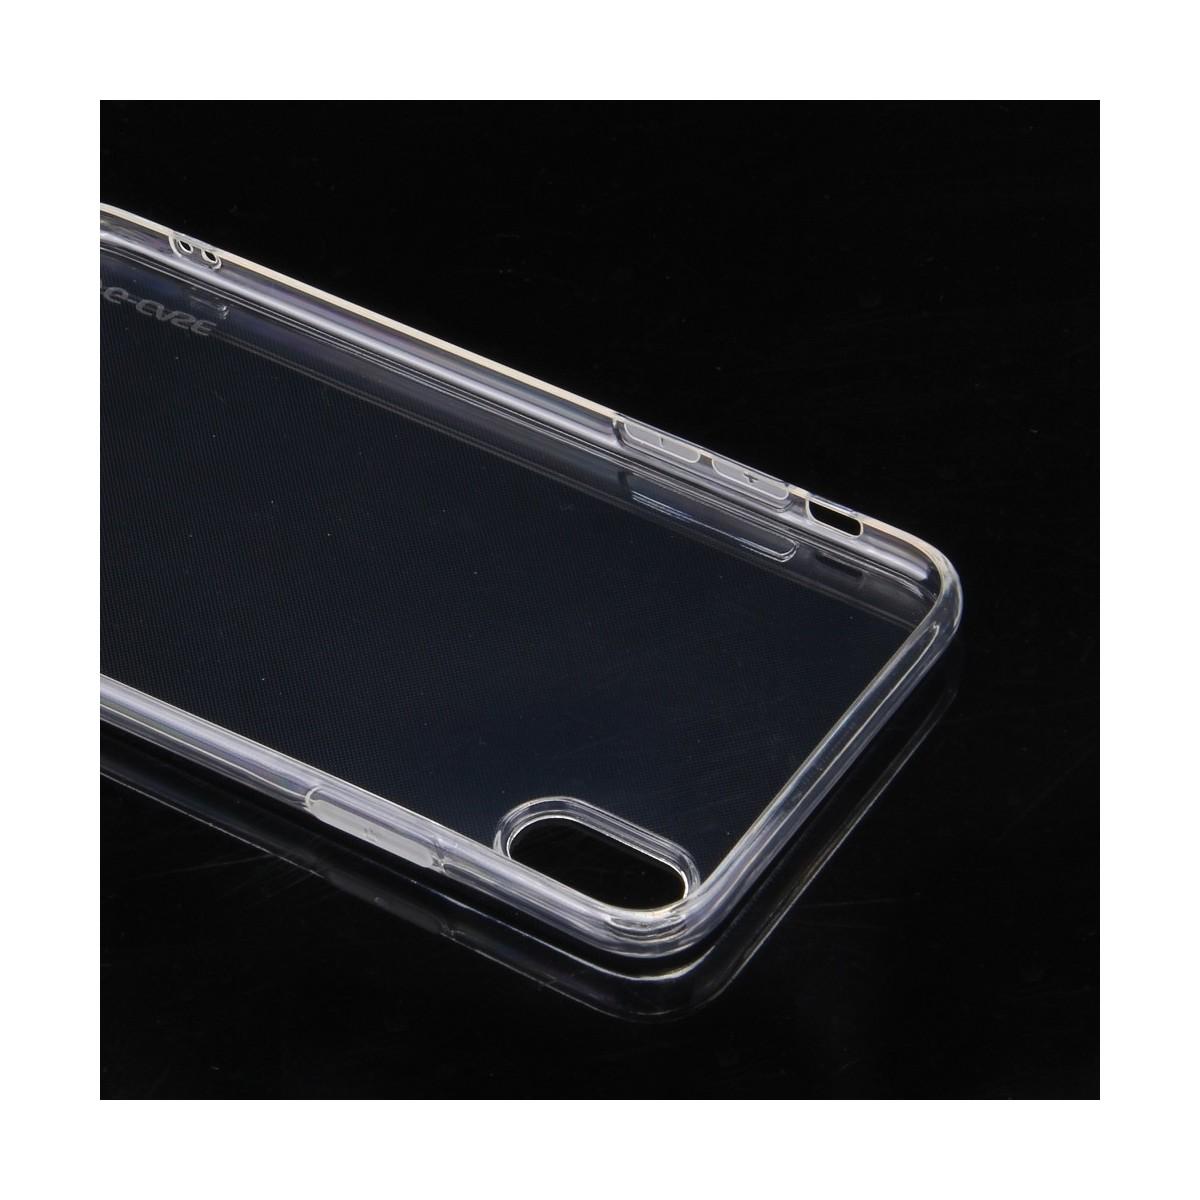 Coque iPhone X Souple et Transparente - G-Case